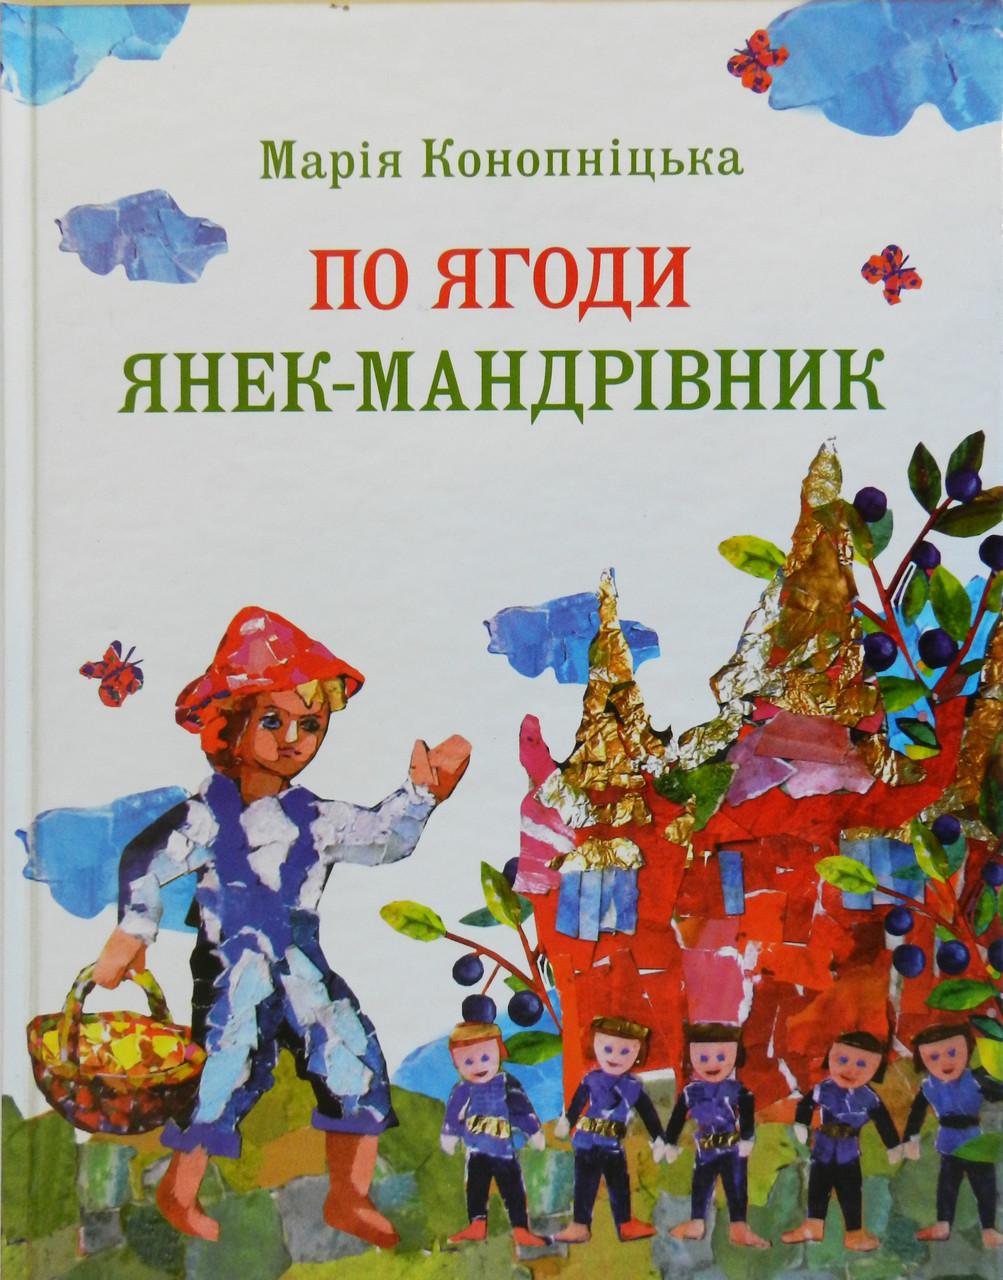 ПО ЯГОДИ. ЯНЕК-МАНДРІВНИК. Марія Конопніцька